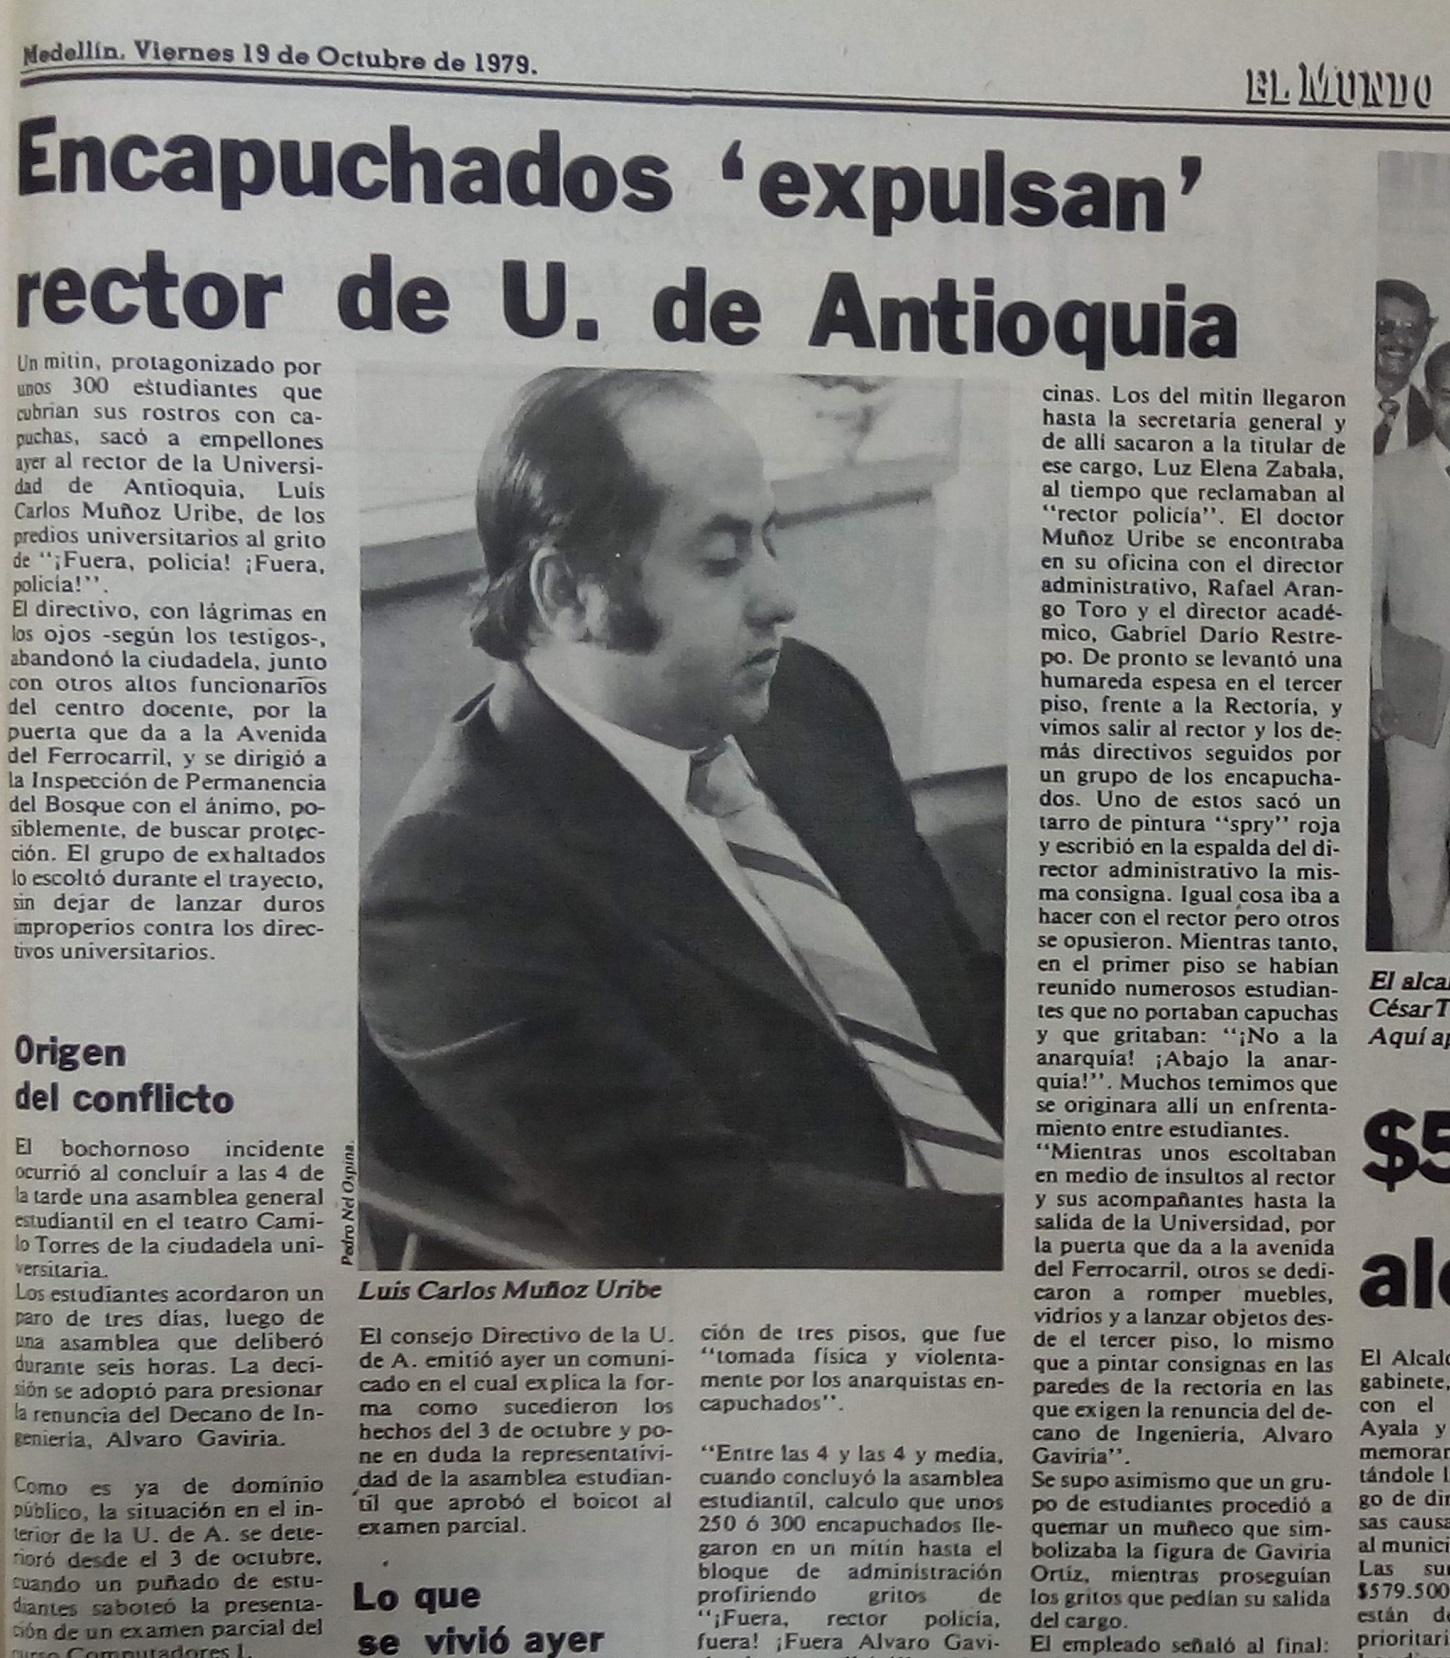 Fotografía tomada de la edición del 19 de octubre de 1979 del periódico El Mundo.